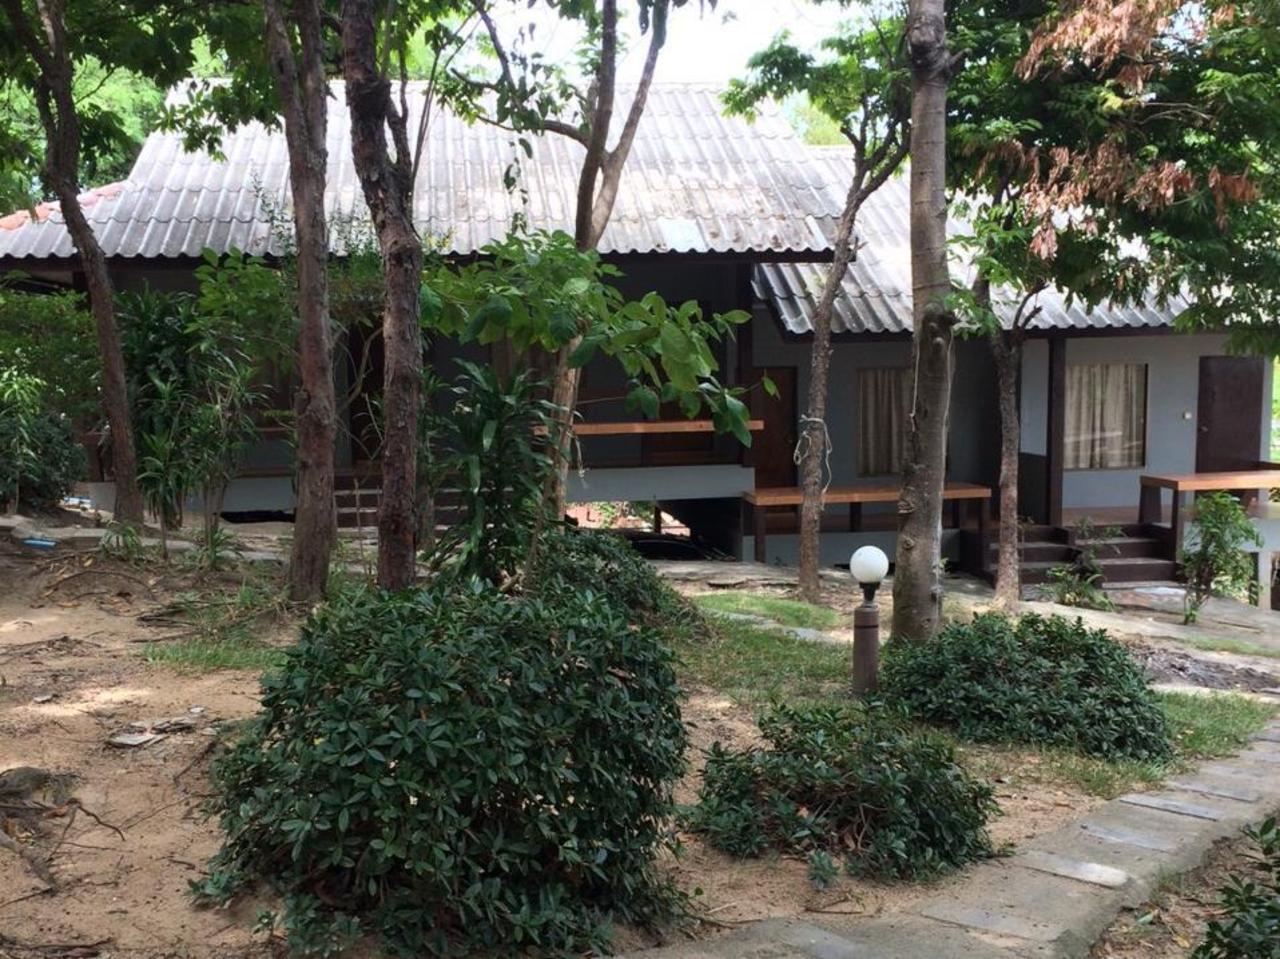 ภูผา บังกะโล (Phupha Bungalow)